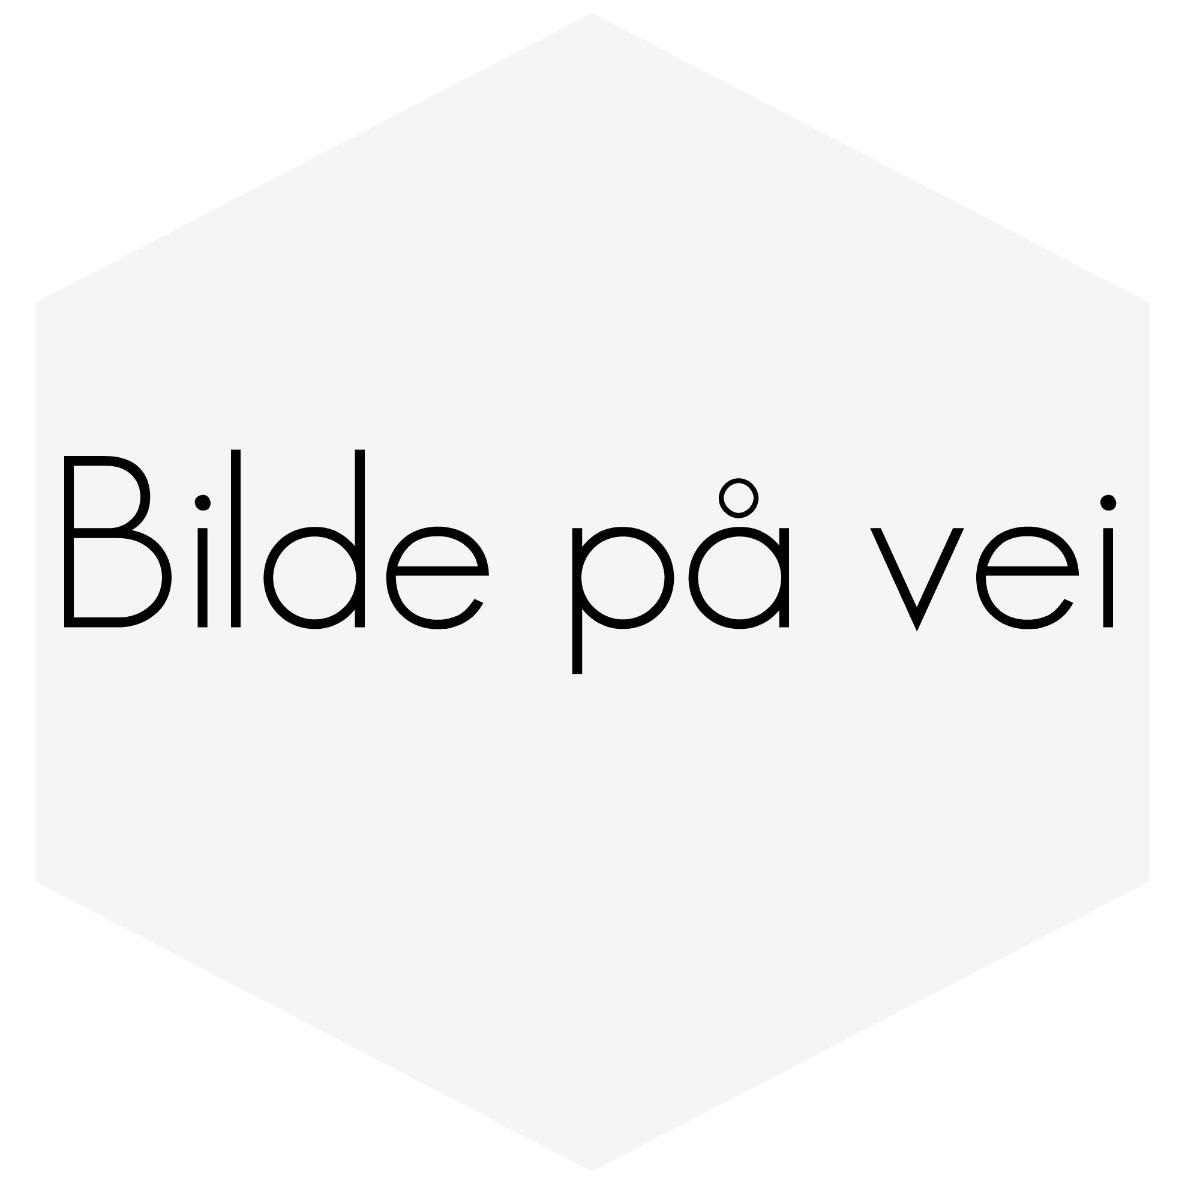 VANNPUMPE VOLVO B30  430016/461094  lik PA286 og 461094